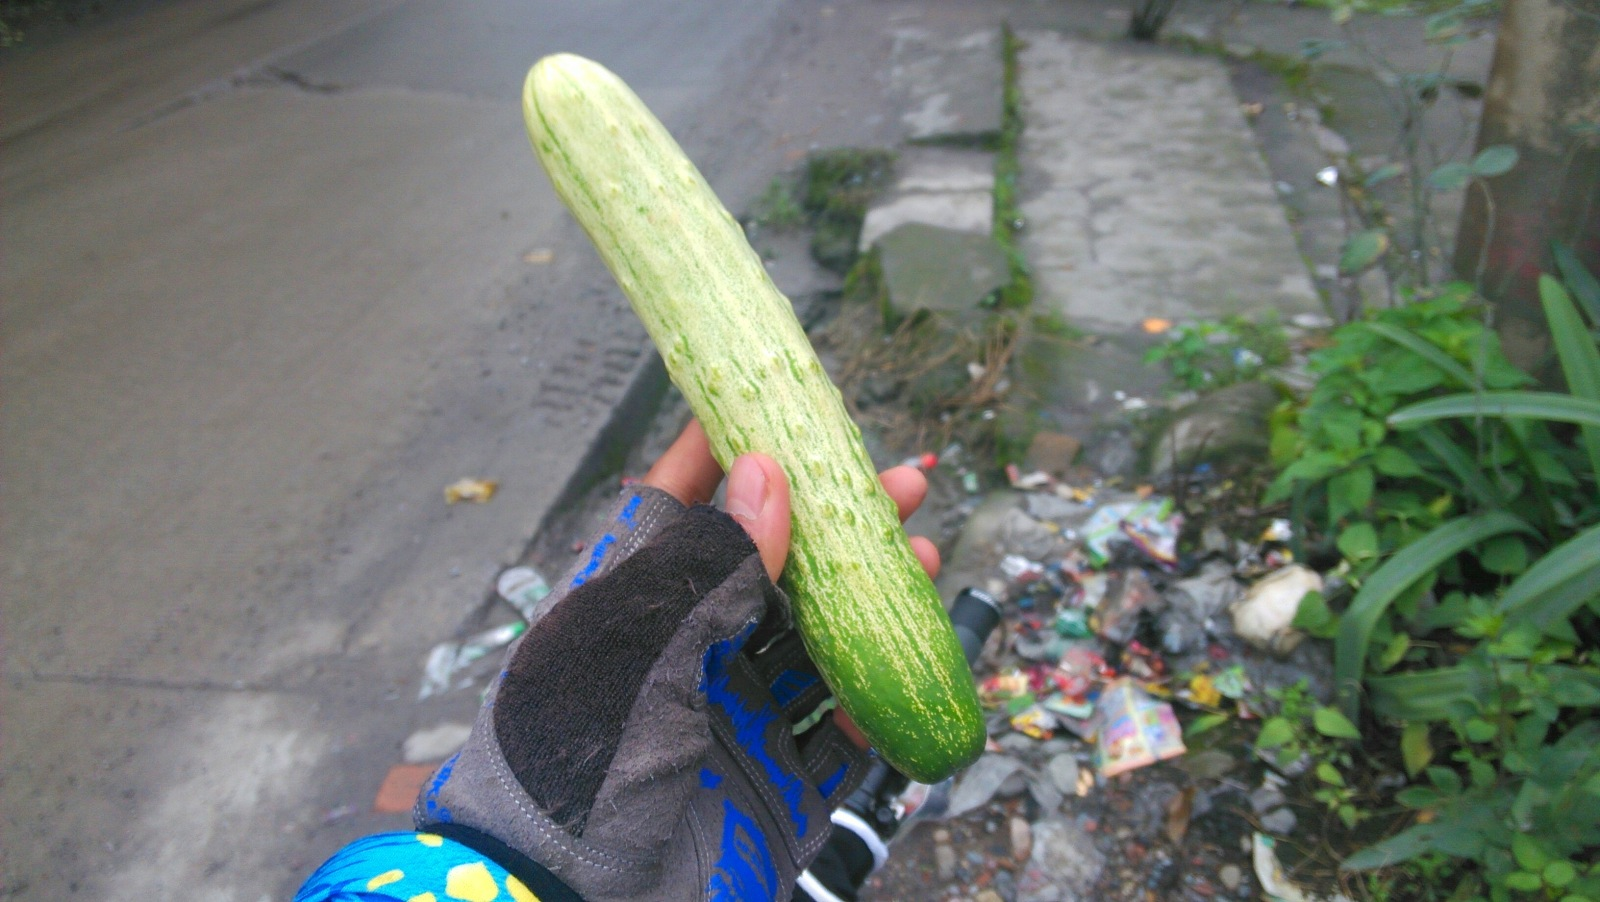 其实这是最后一根黄瓜了